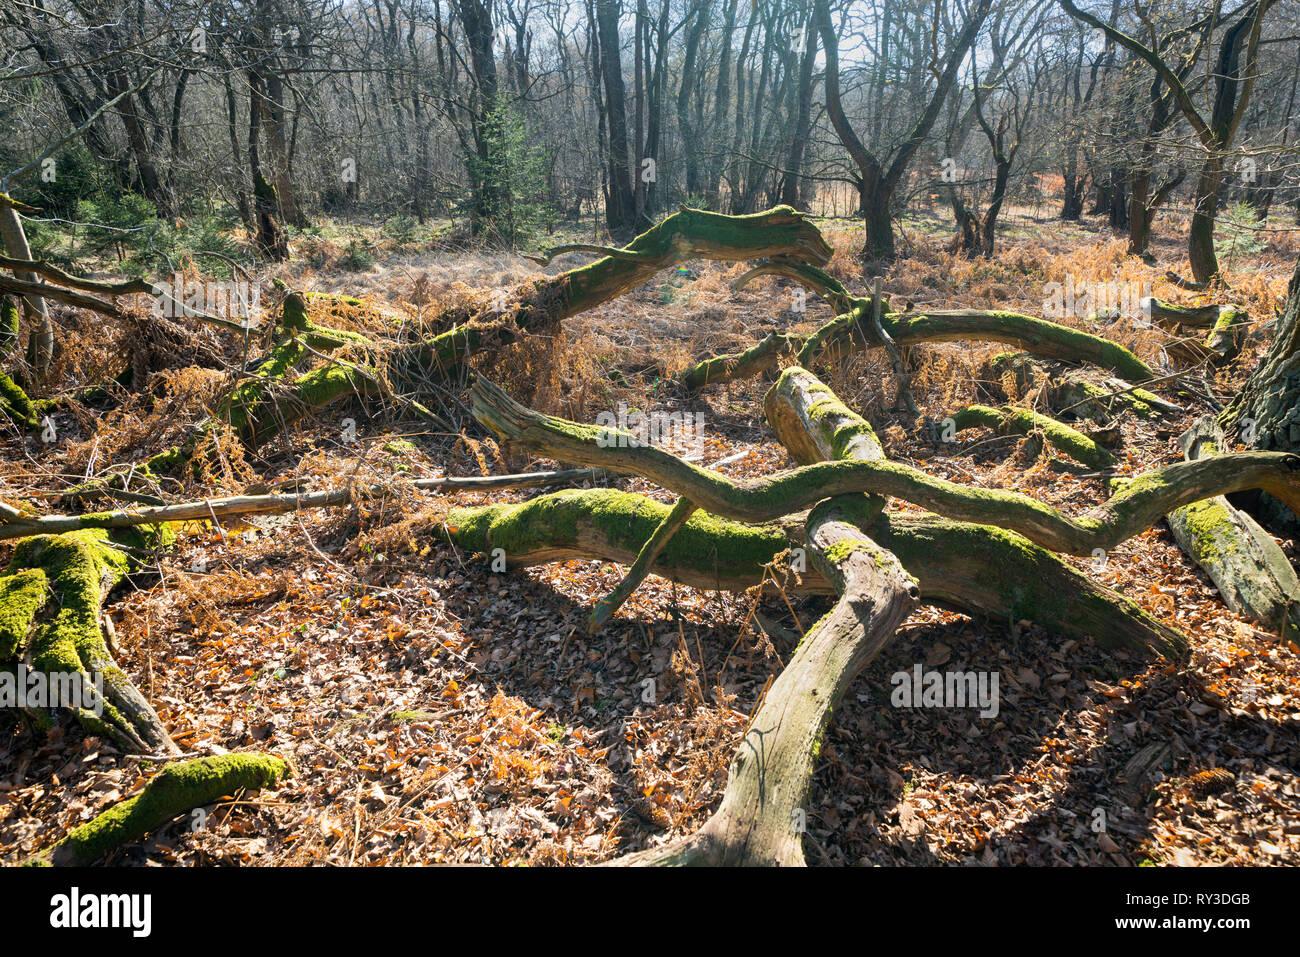 Primeval forest Urwald Sababurg, Hofgeismar, Weser Uplands, Weserbergland, Hesse, Germany - Stock Image